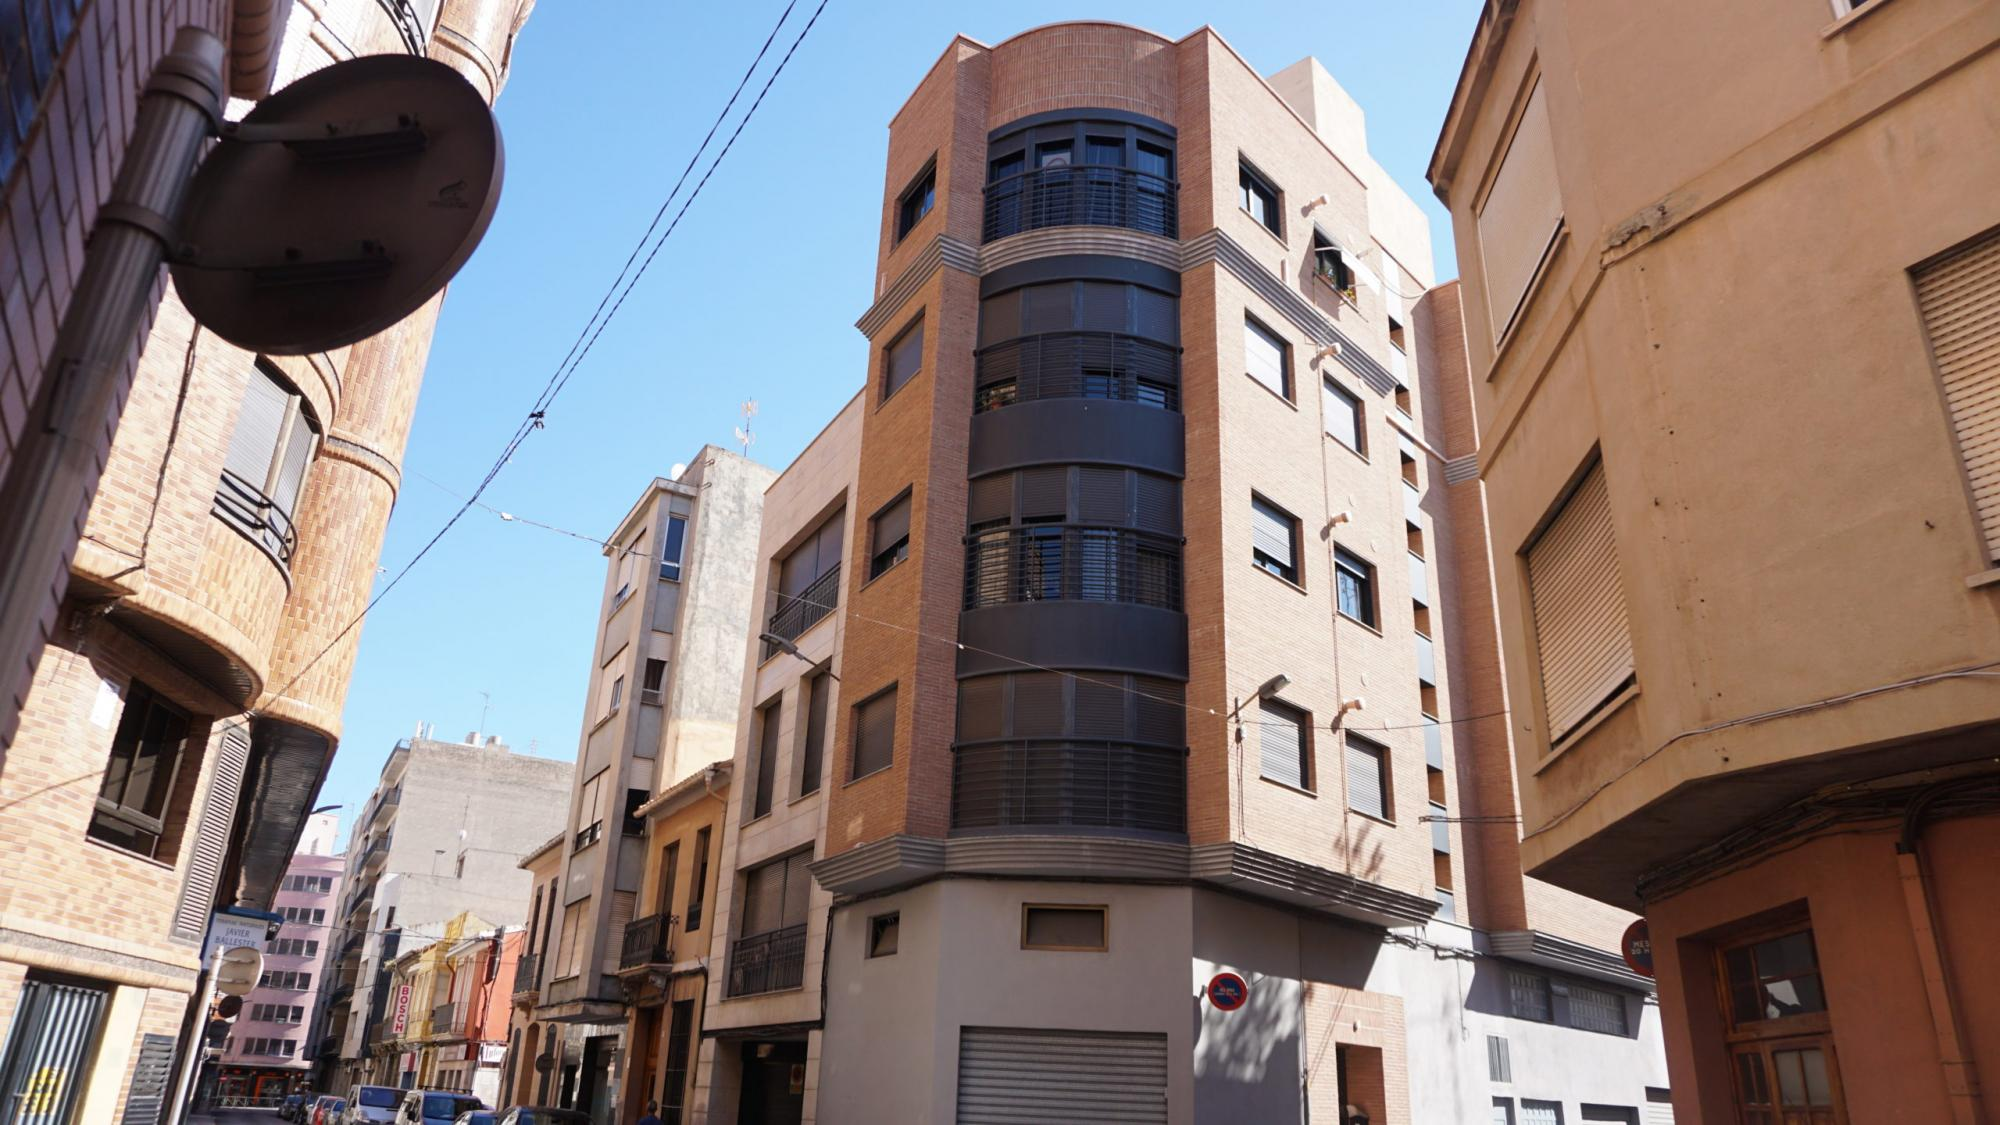 Piso en venta en Burriana (Castellón) zona Centro